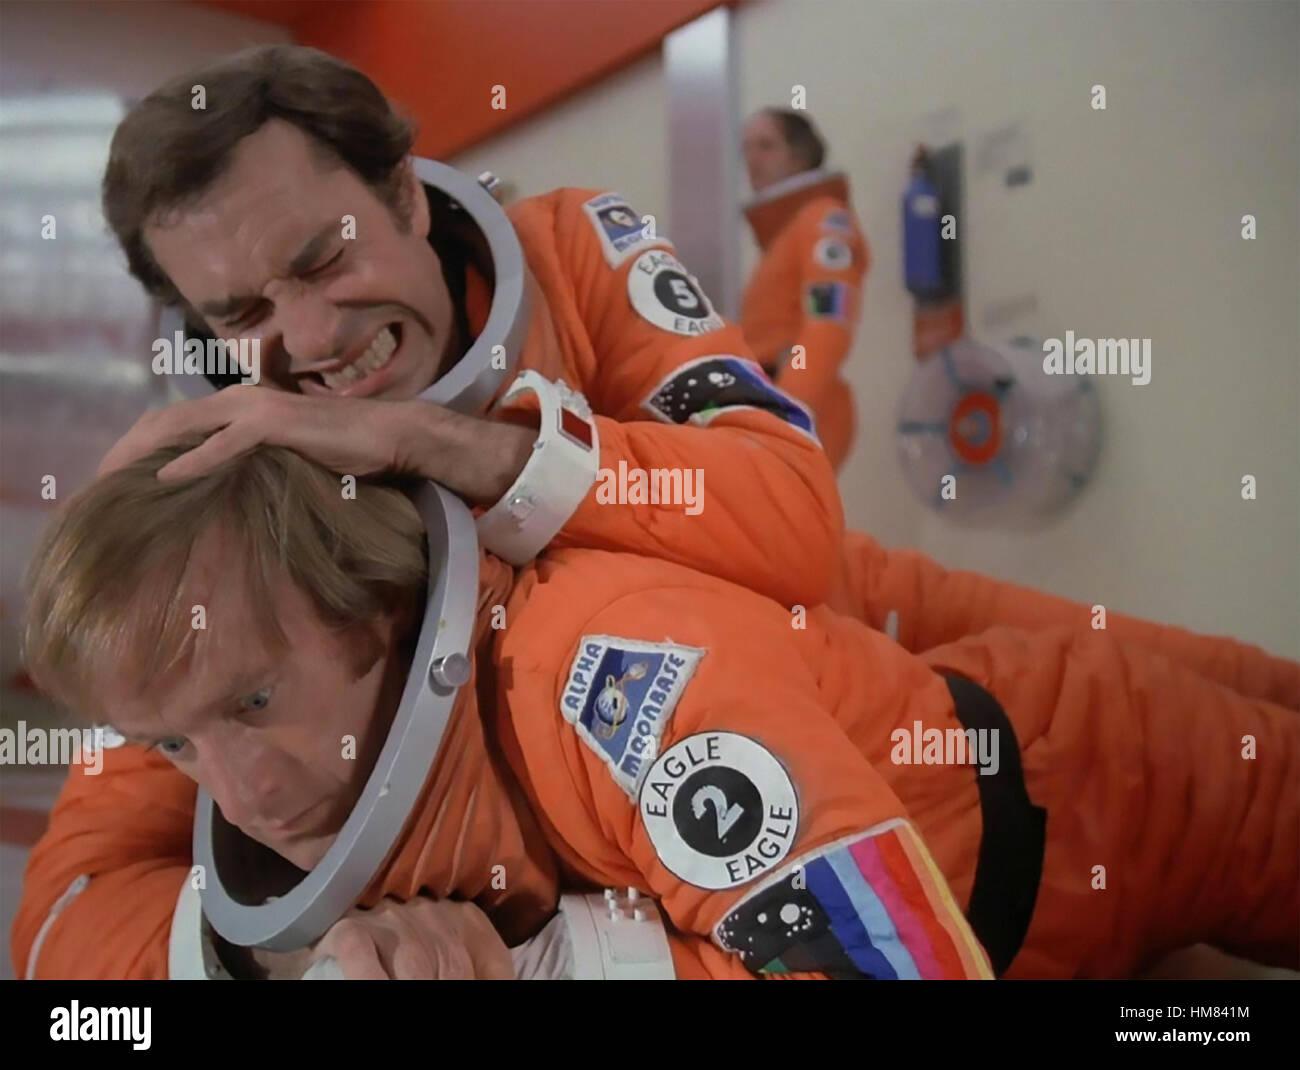 SPACE 1999 ITC/ATV  TV series 1975-1977  with Martin Landau holding down Nick Tate - Stock Image